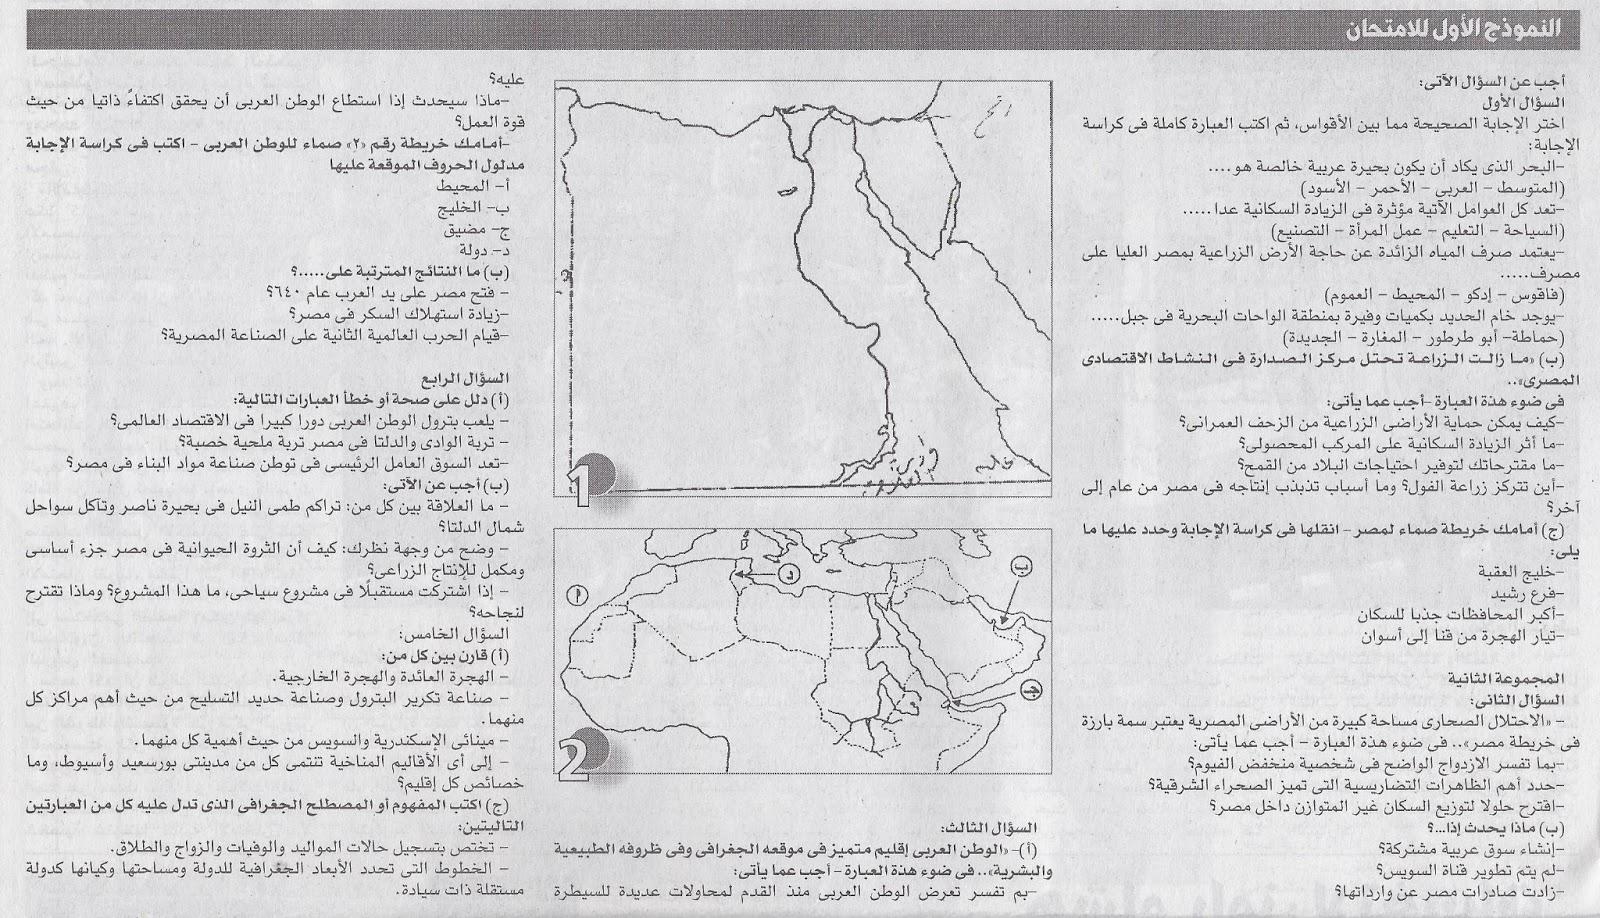 نموذج اجابة امتحان الجغرافيا للصف الثالث الثانوى 2013